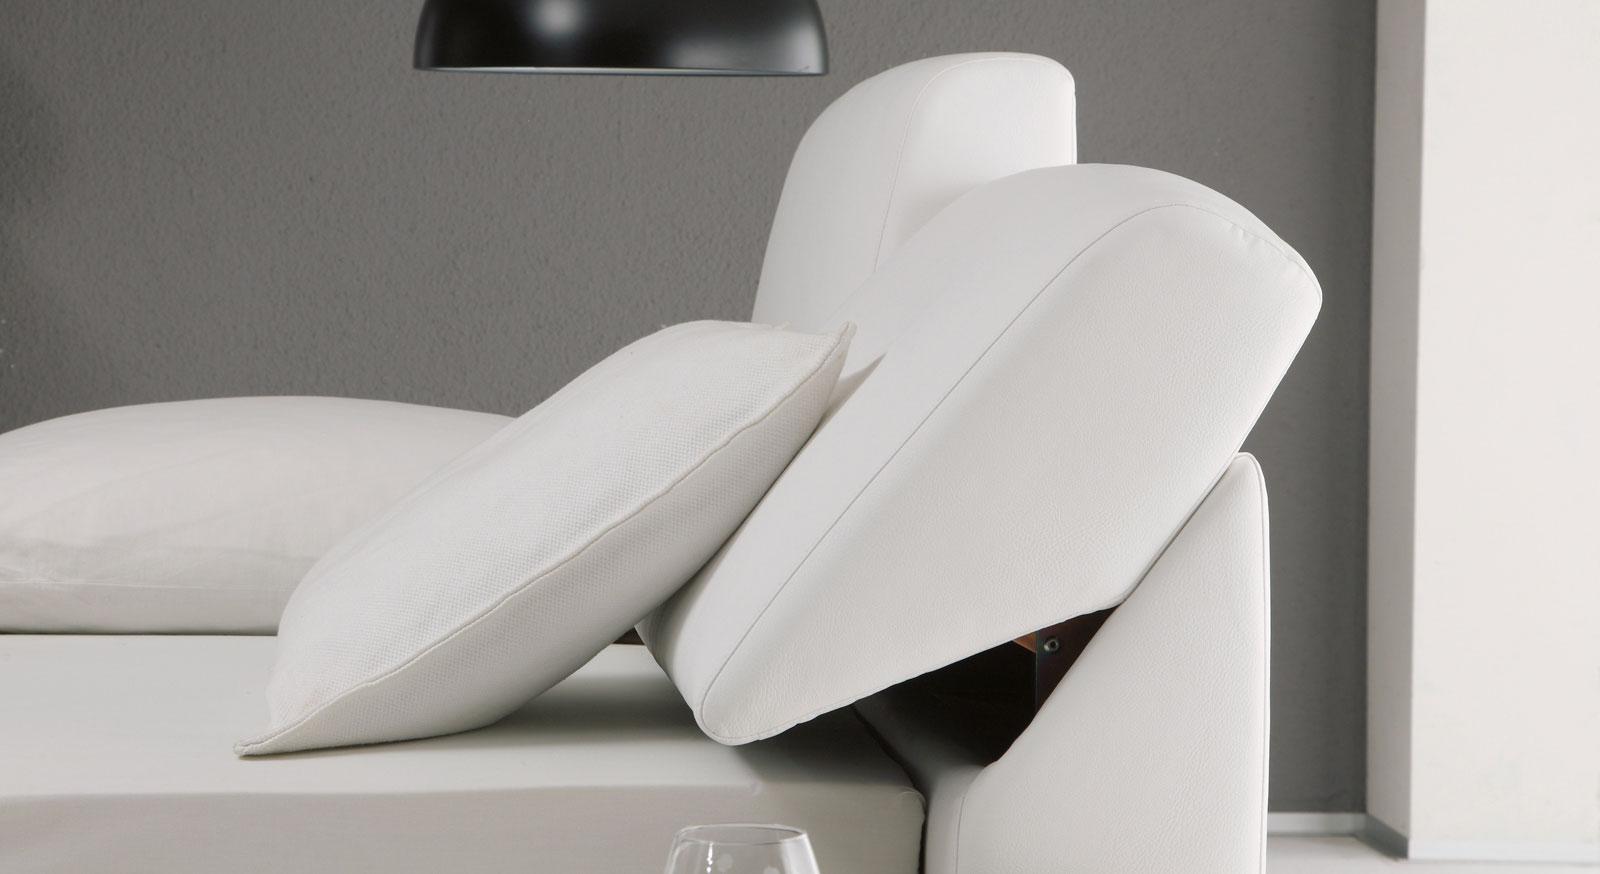 g stebett verstellbares kopfteil bestseller shop f r m bel und einrichtungen. Black Bedroom Furniture Sets. Home Design Ideas